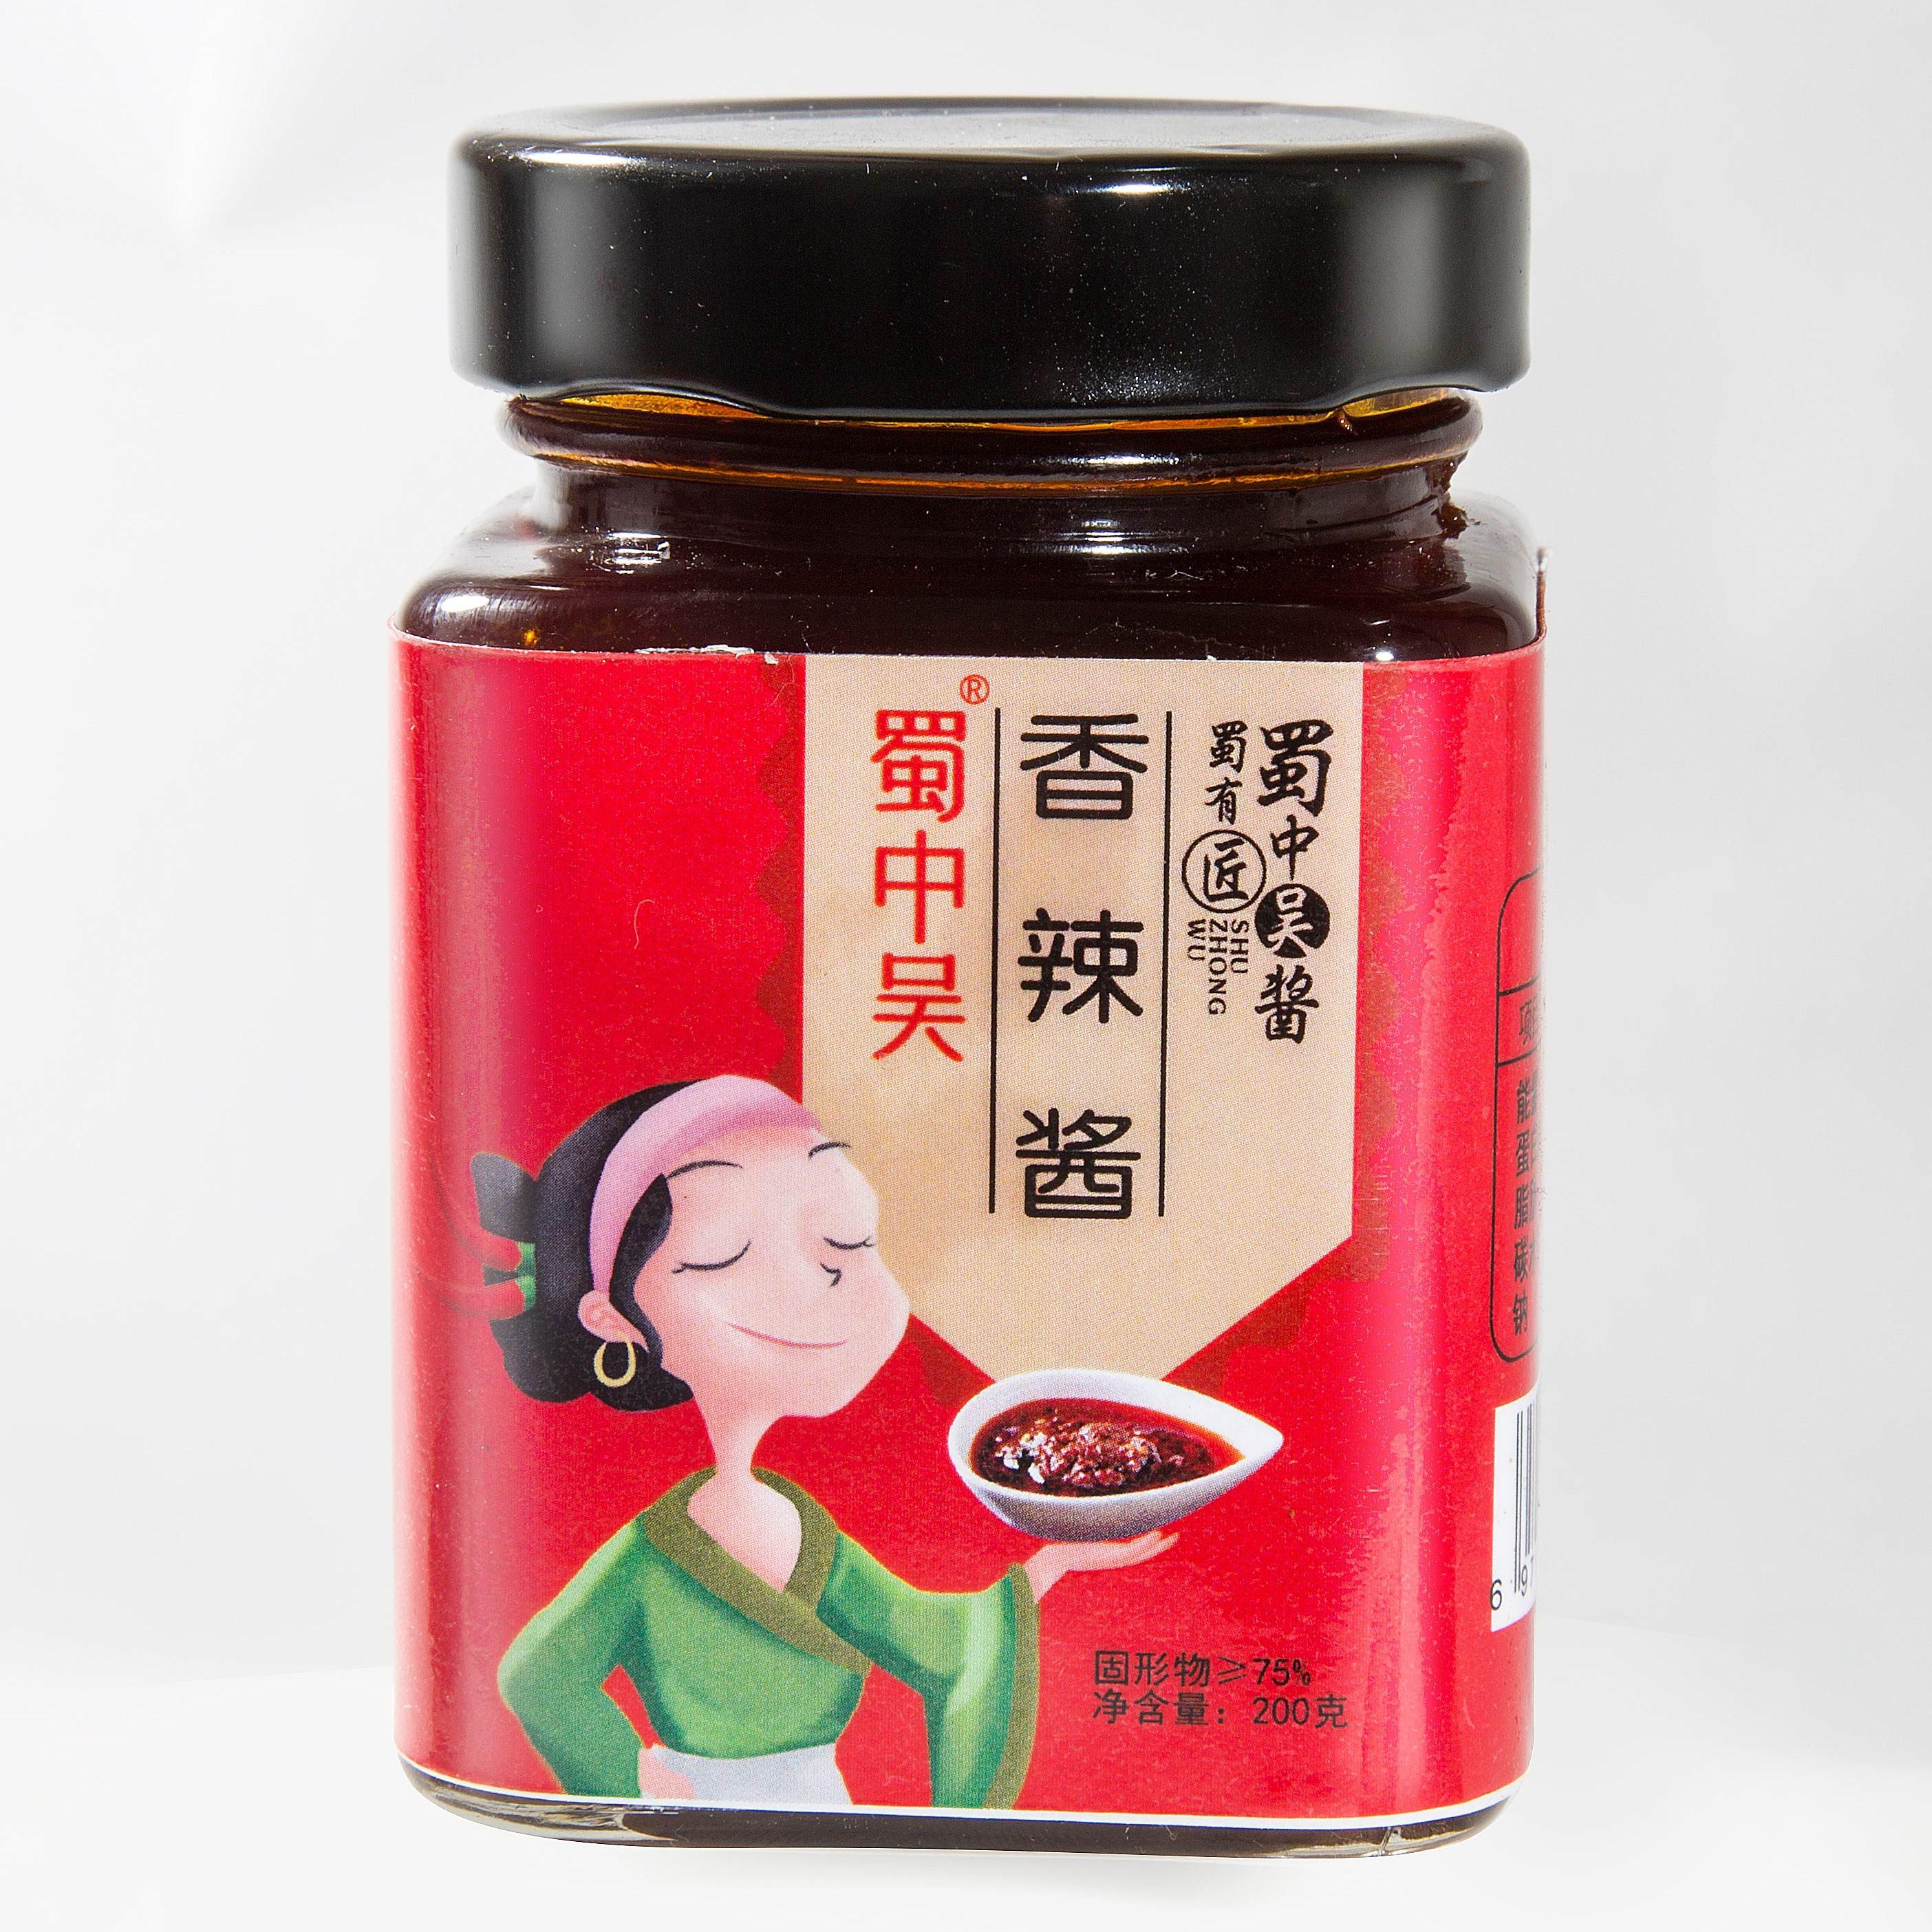 蜀中吴香辣酱酱川味拌饭酱香辣调味酱拌饭拌面条200g